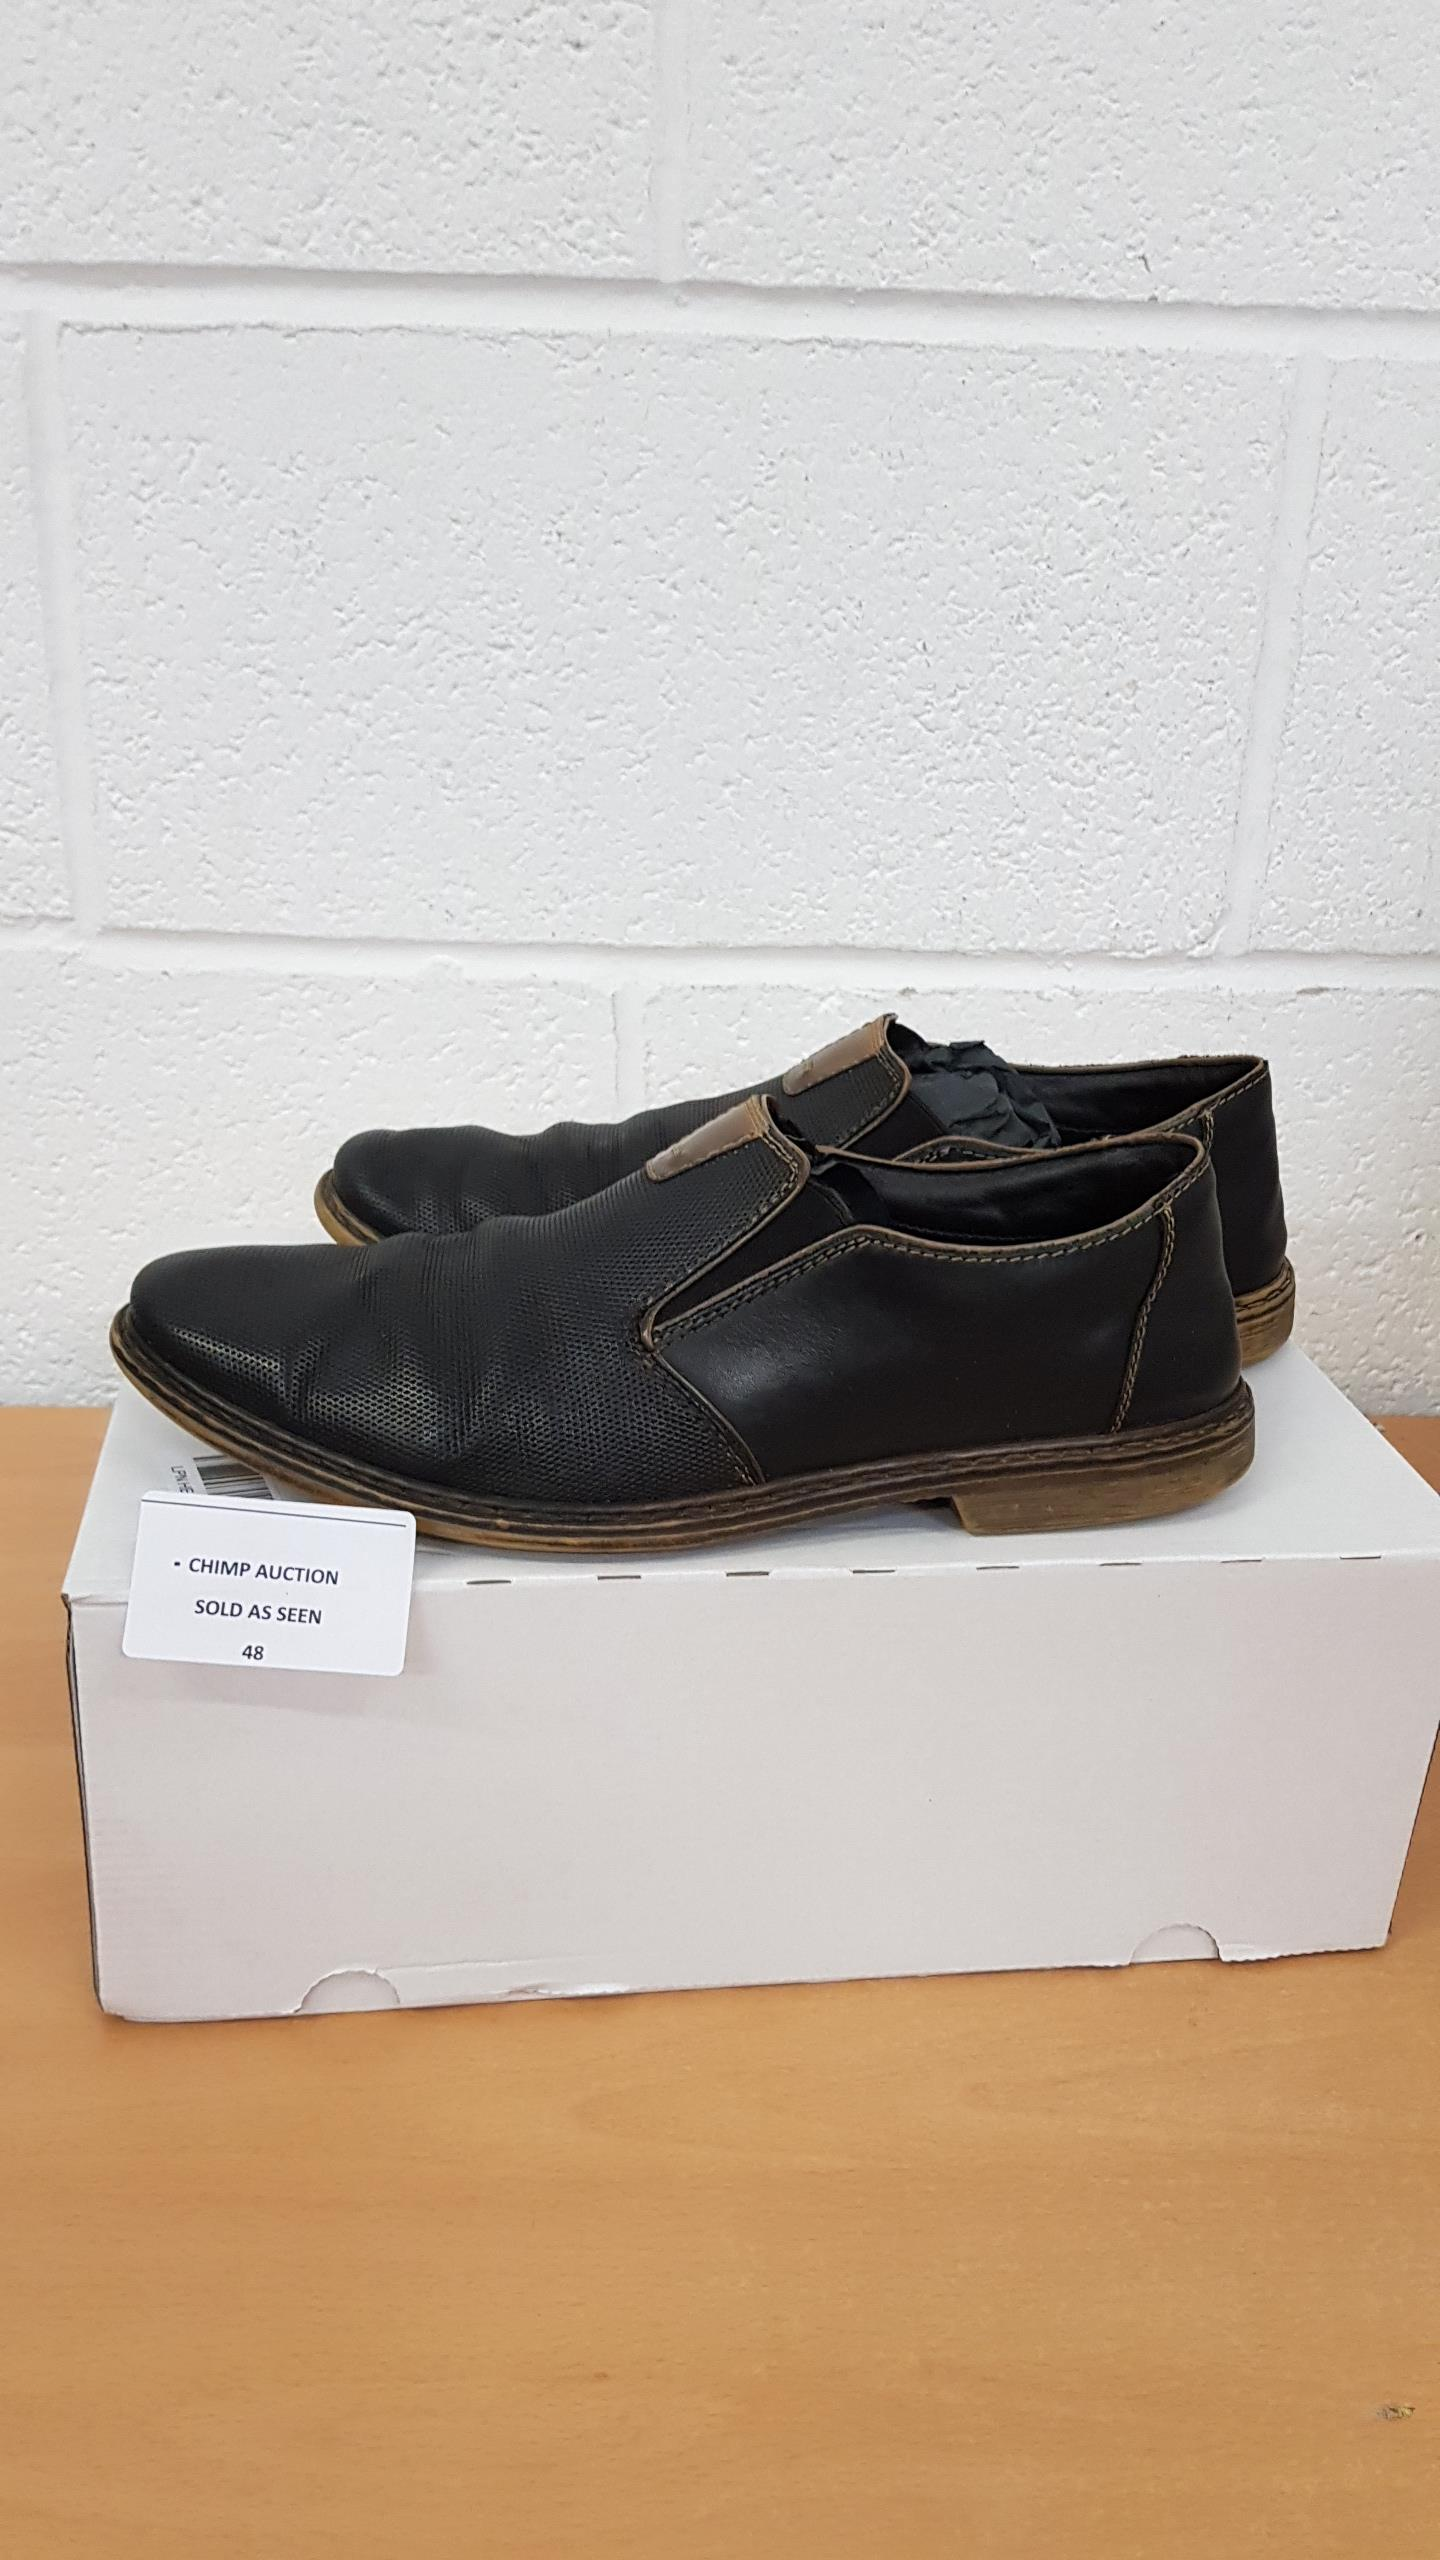 Lot 48 - Rieker mens shoes EU 42